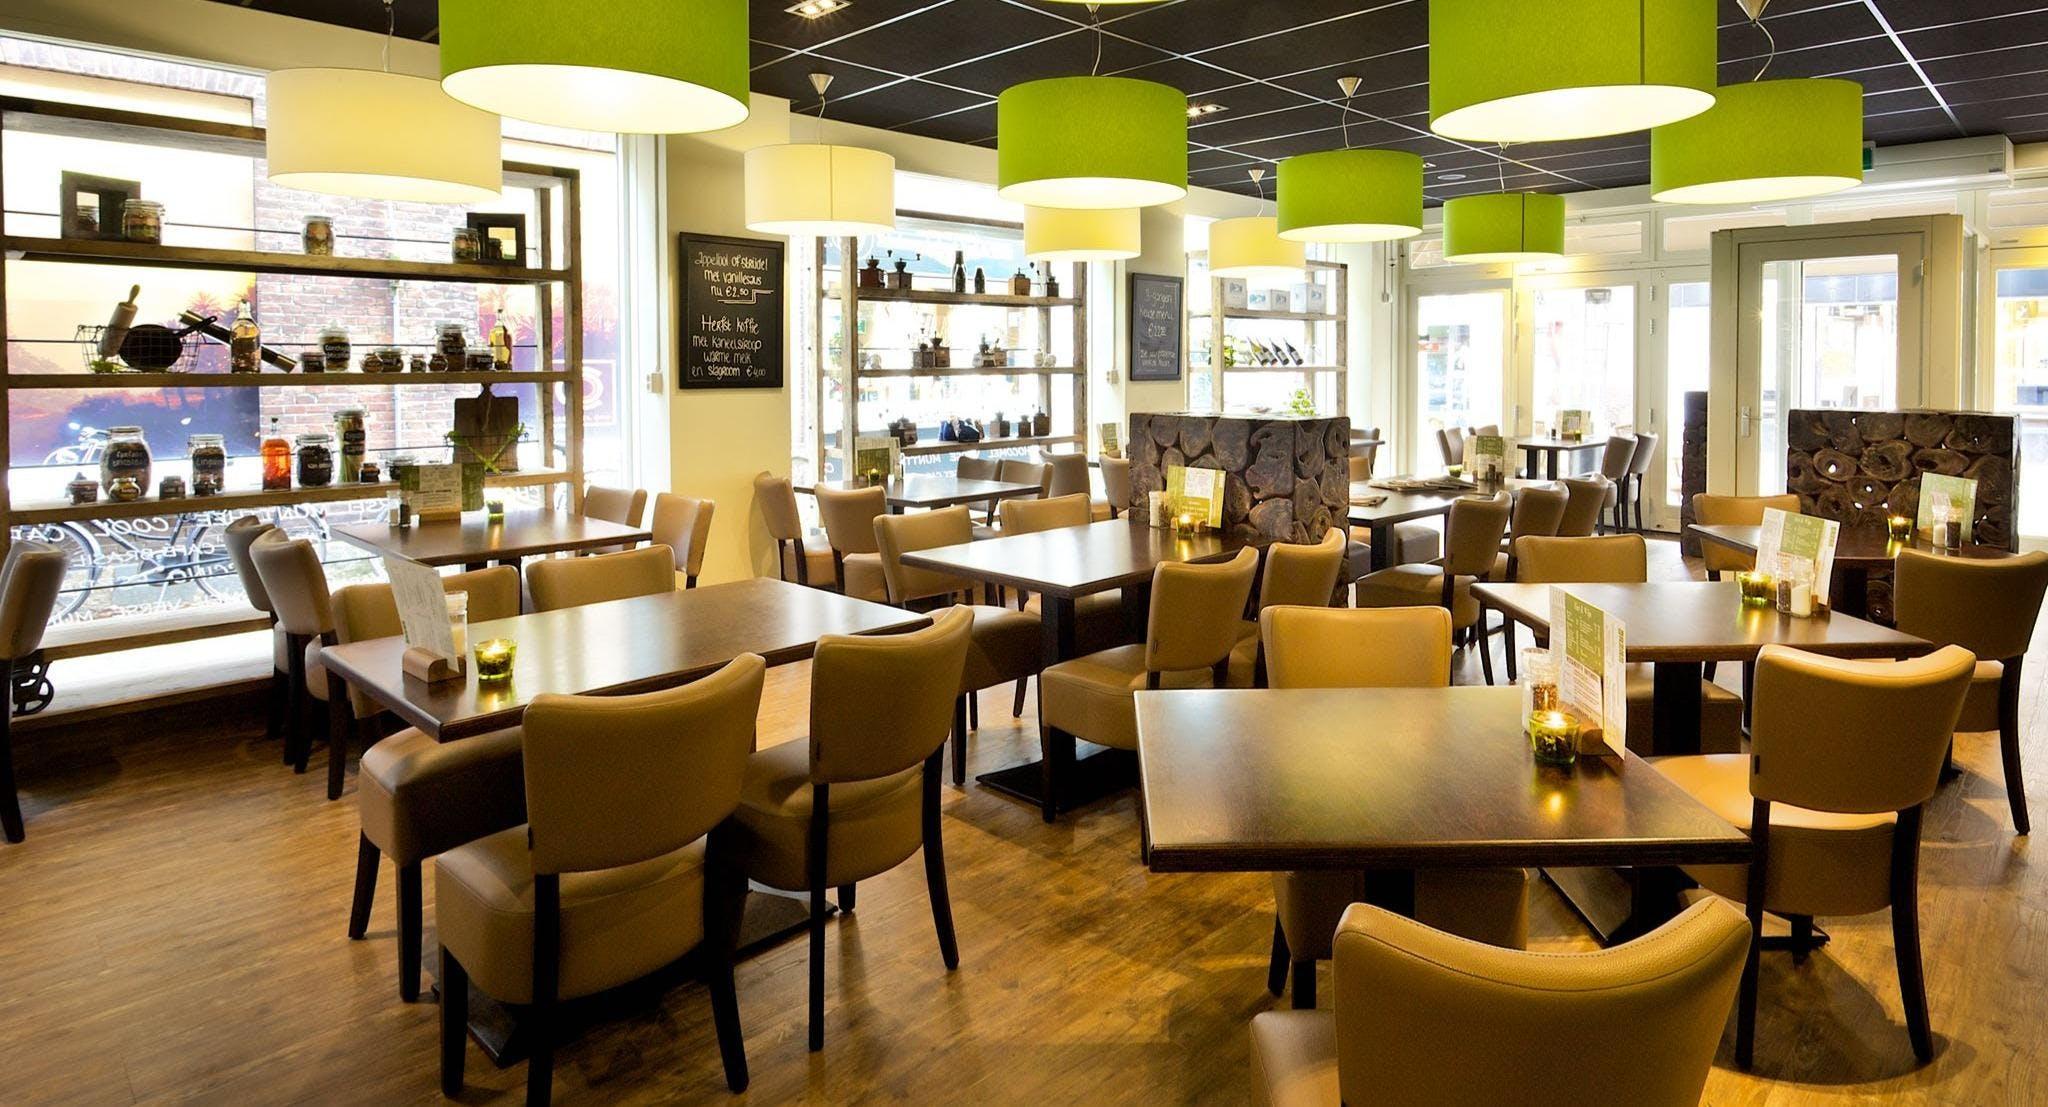 Brasserie Dichtbij Amersfoort image 1